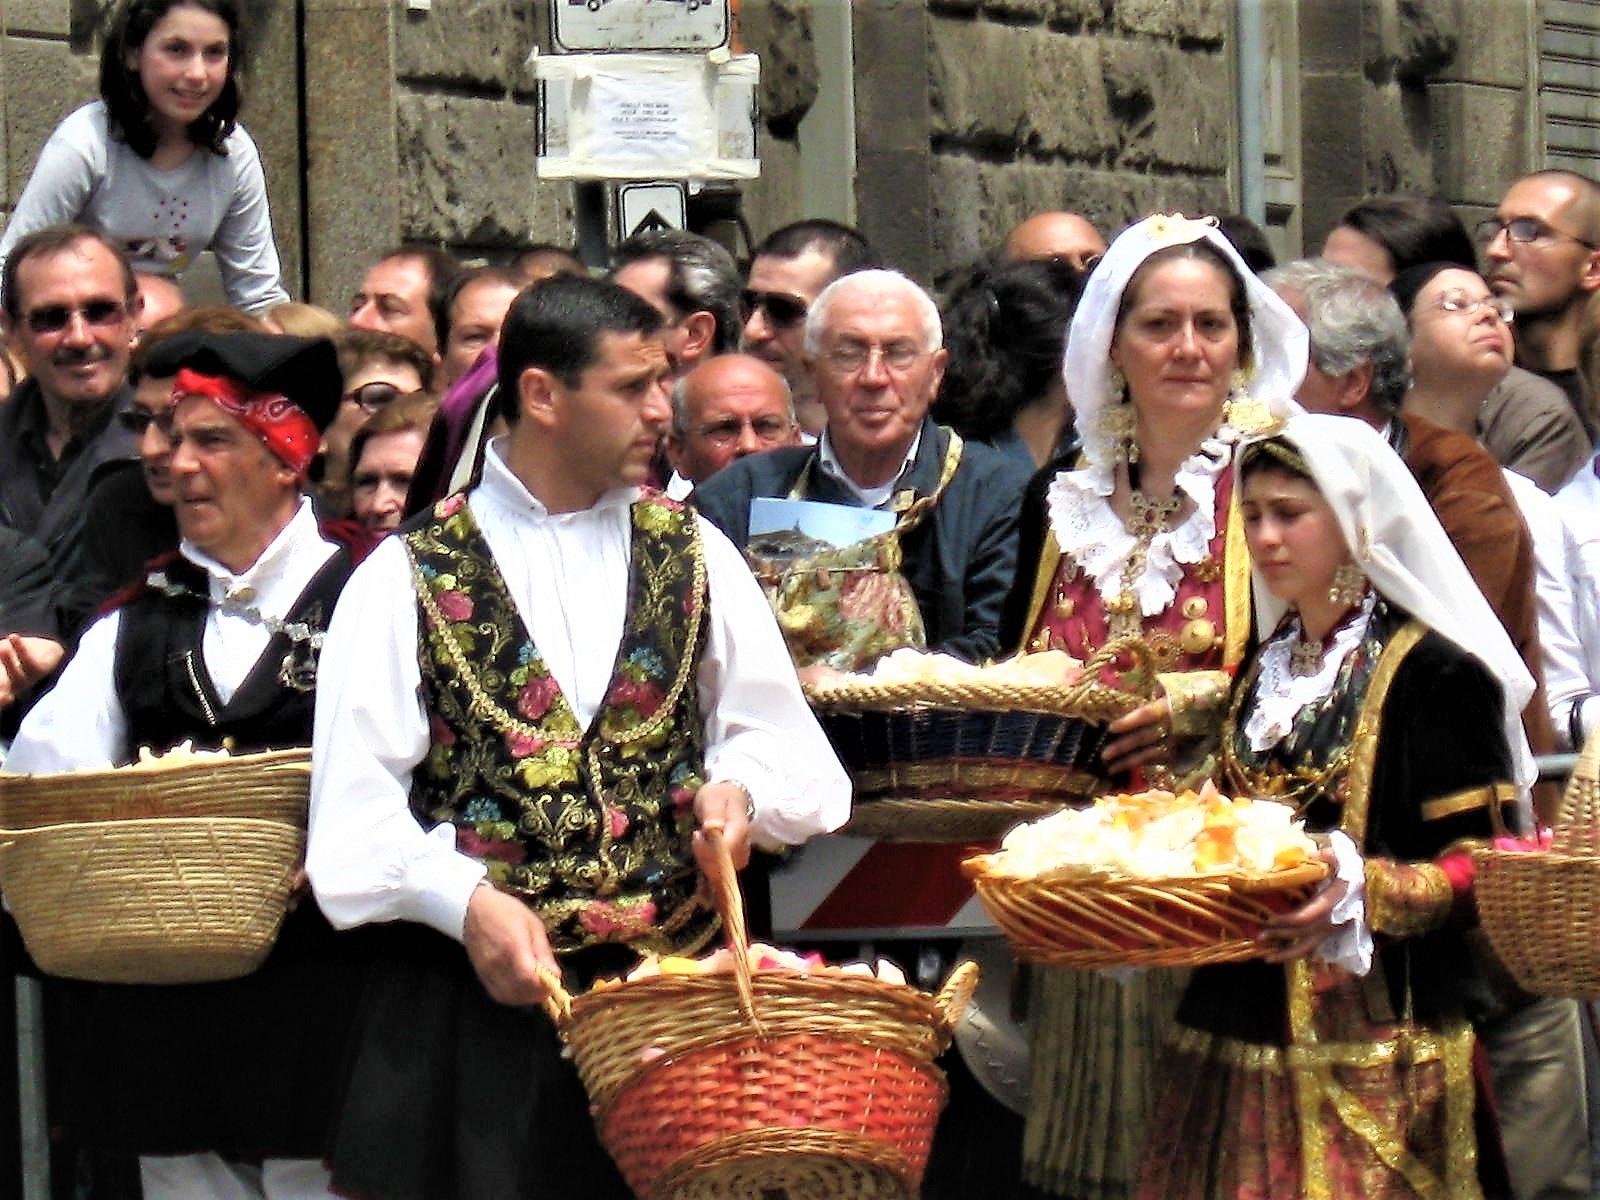 Cagliari, sfilata per sant'Efisio by meiferdinando